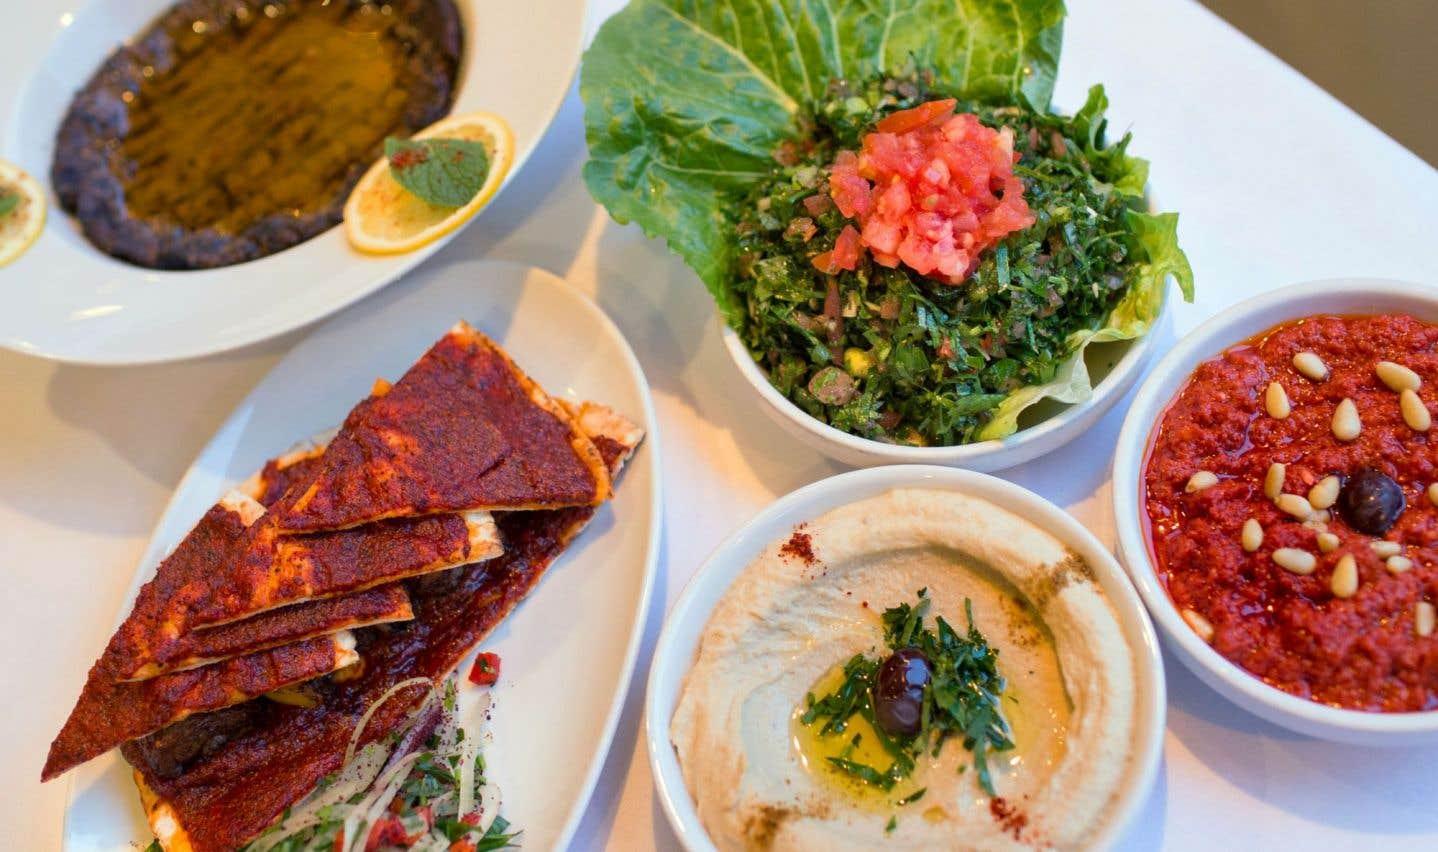 Les plats du restaurant Alep sont tous dans le registre des cuisines traditionnelles arménienne et syrienne.